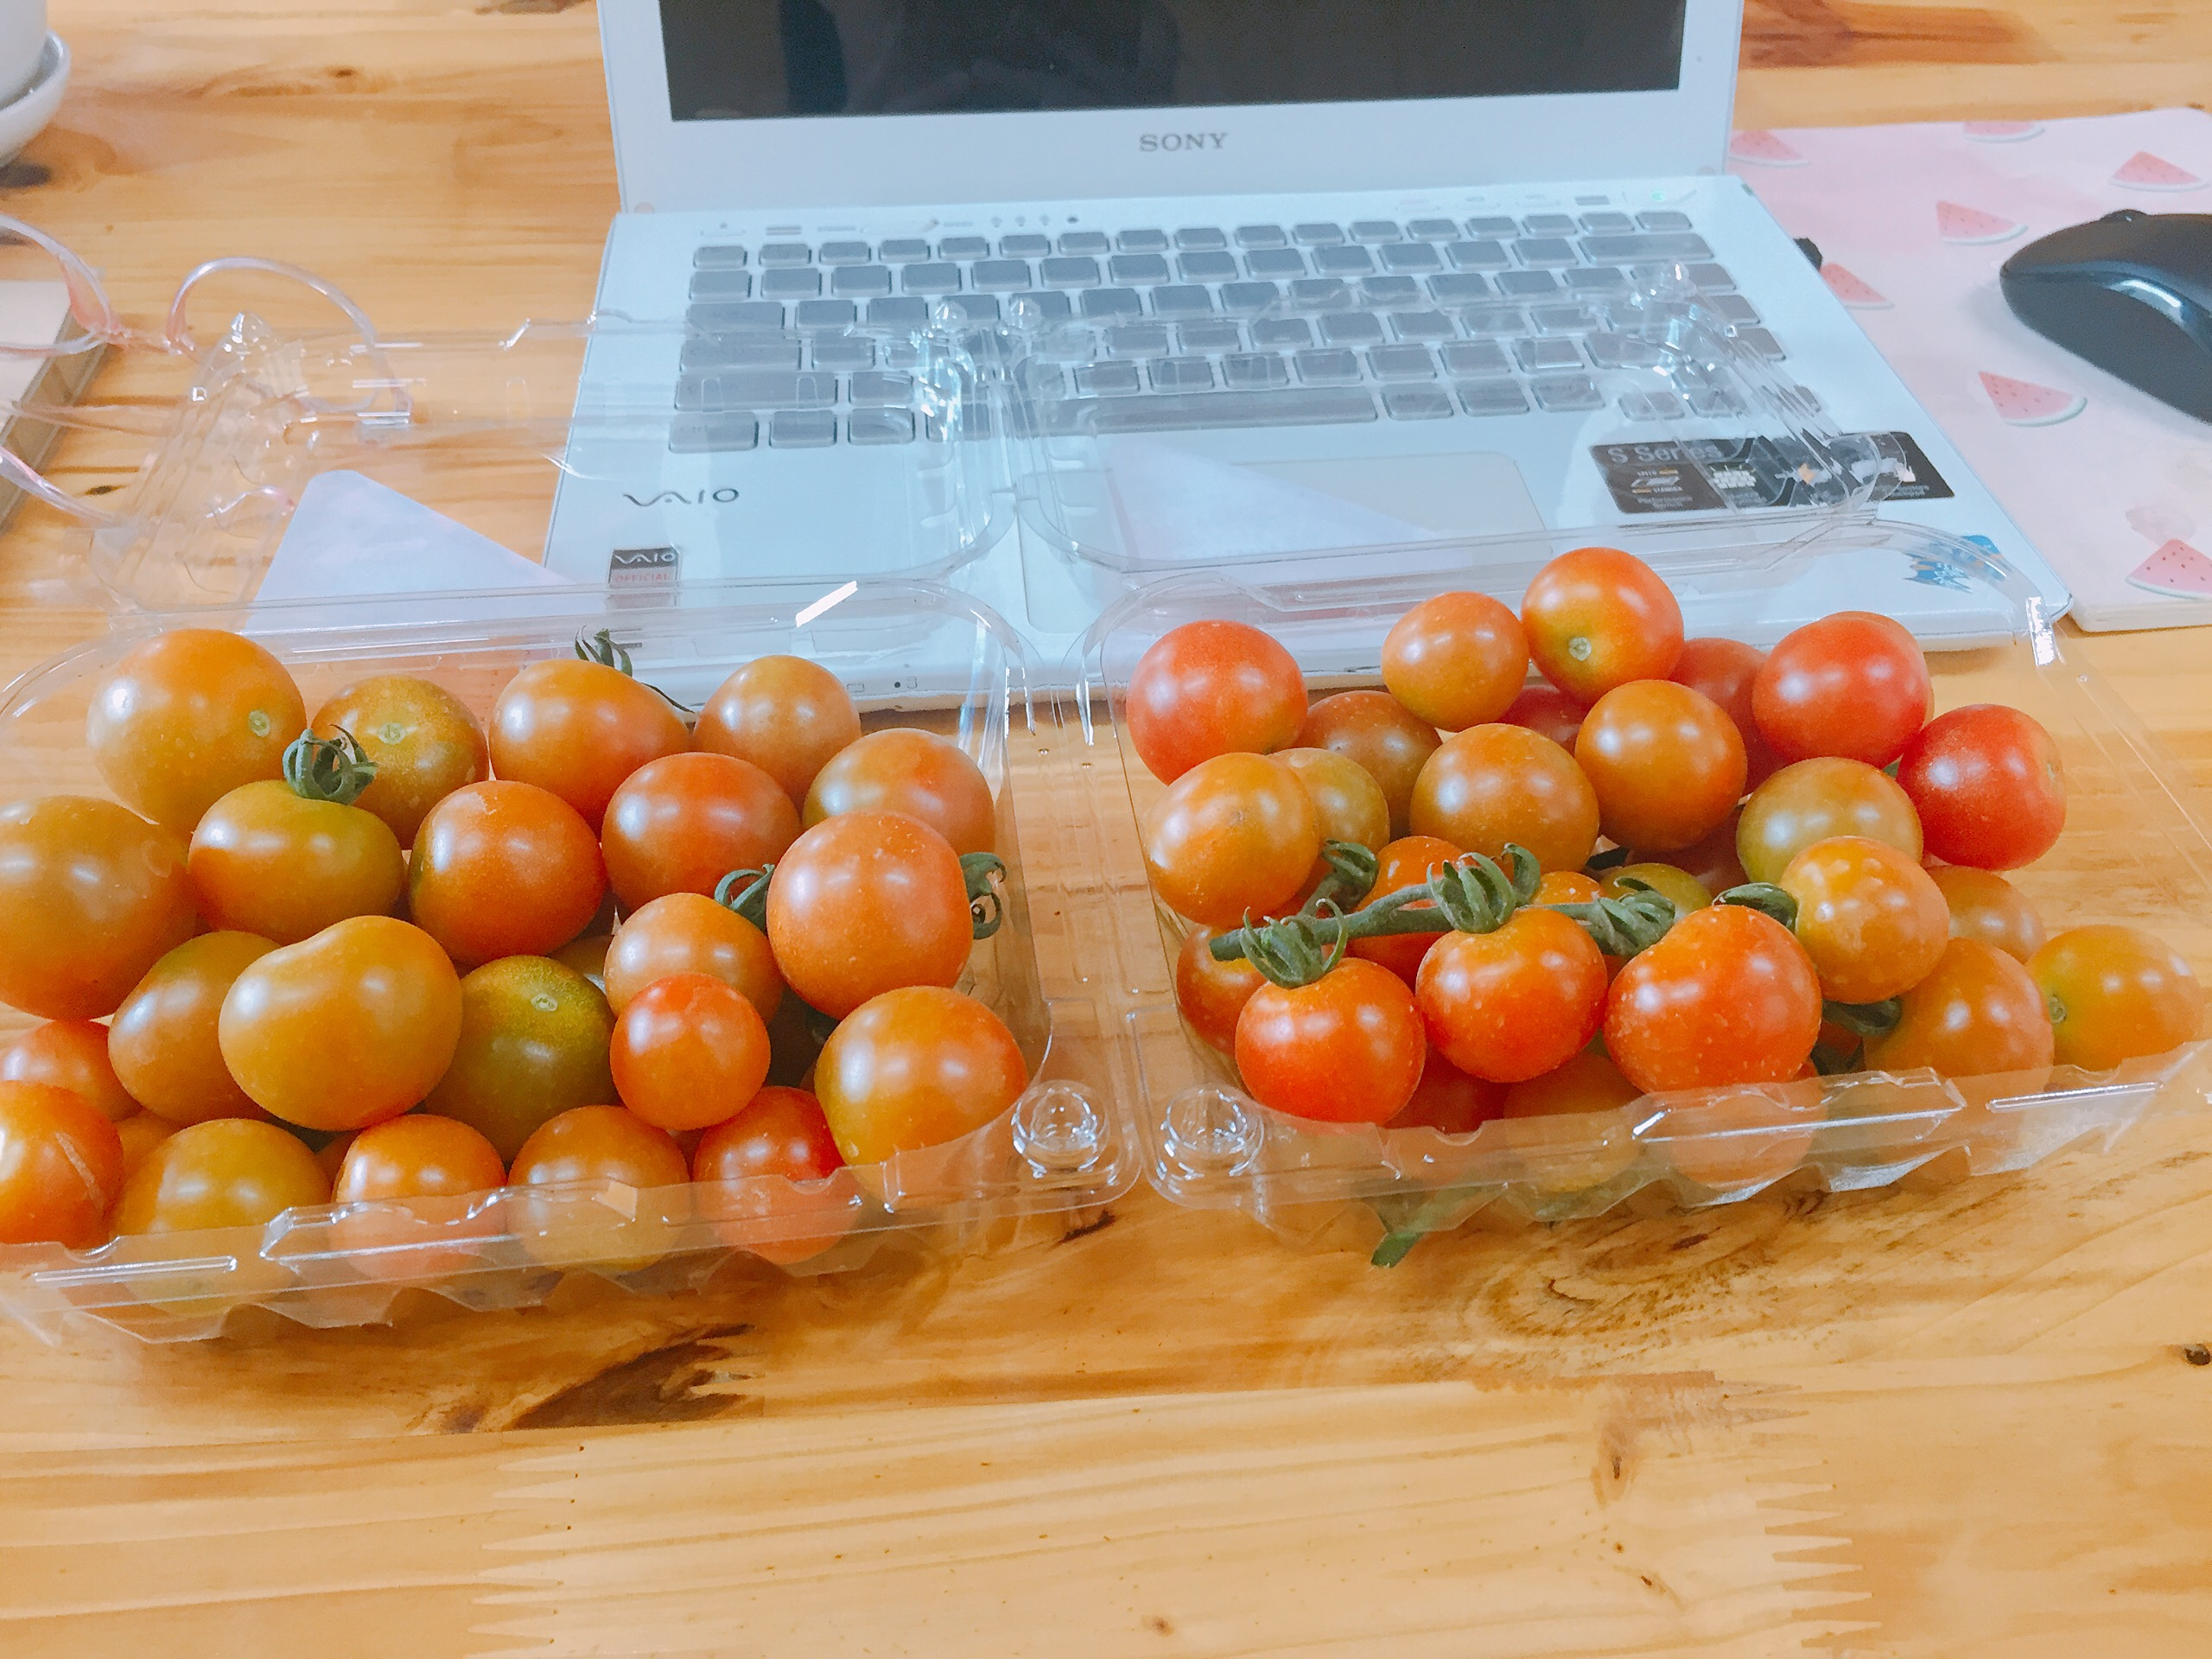 Cà chua cherry sai quả và giá trị dinh dưỡng cao